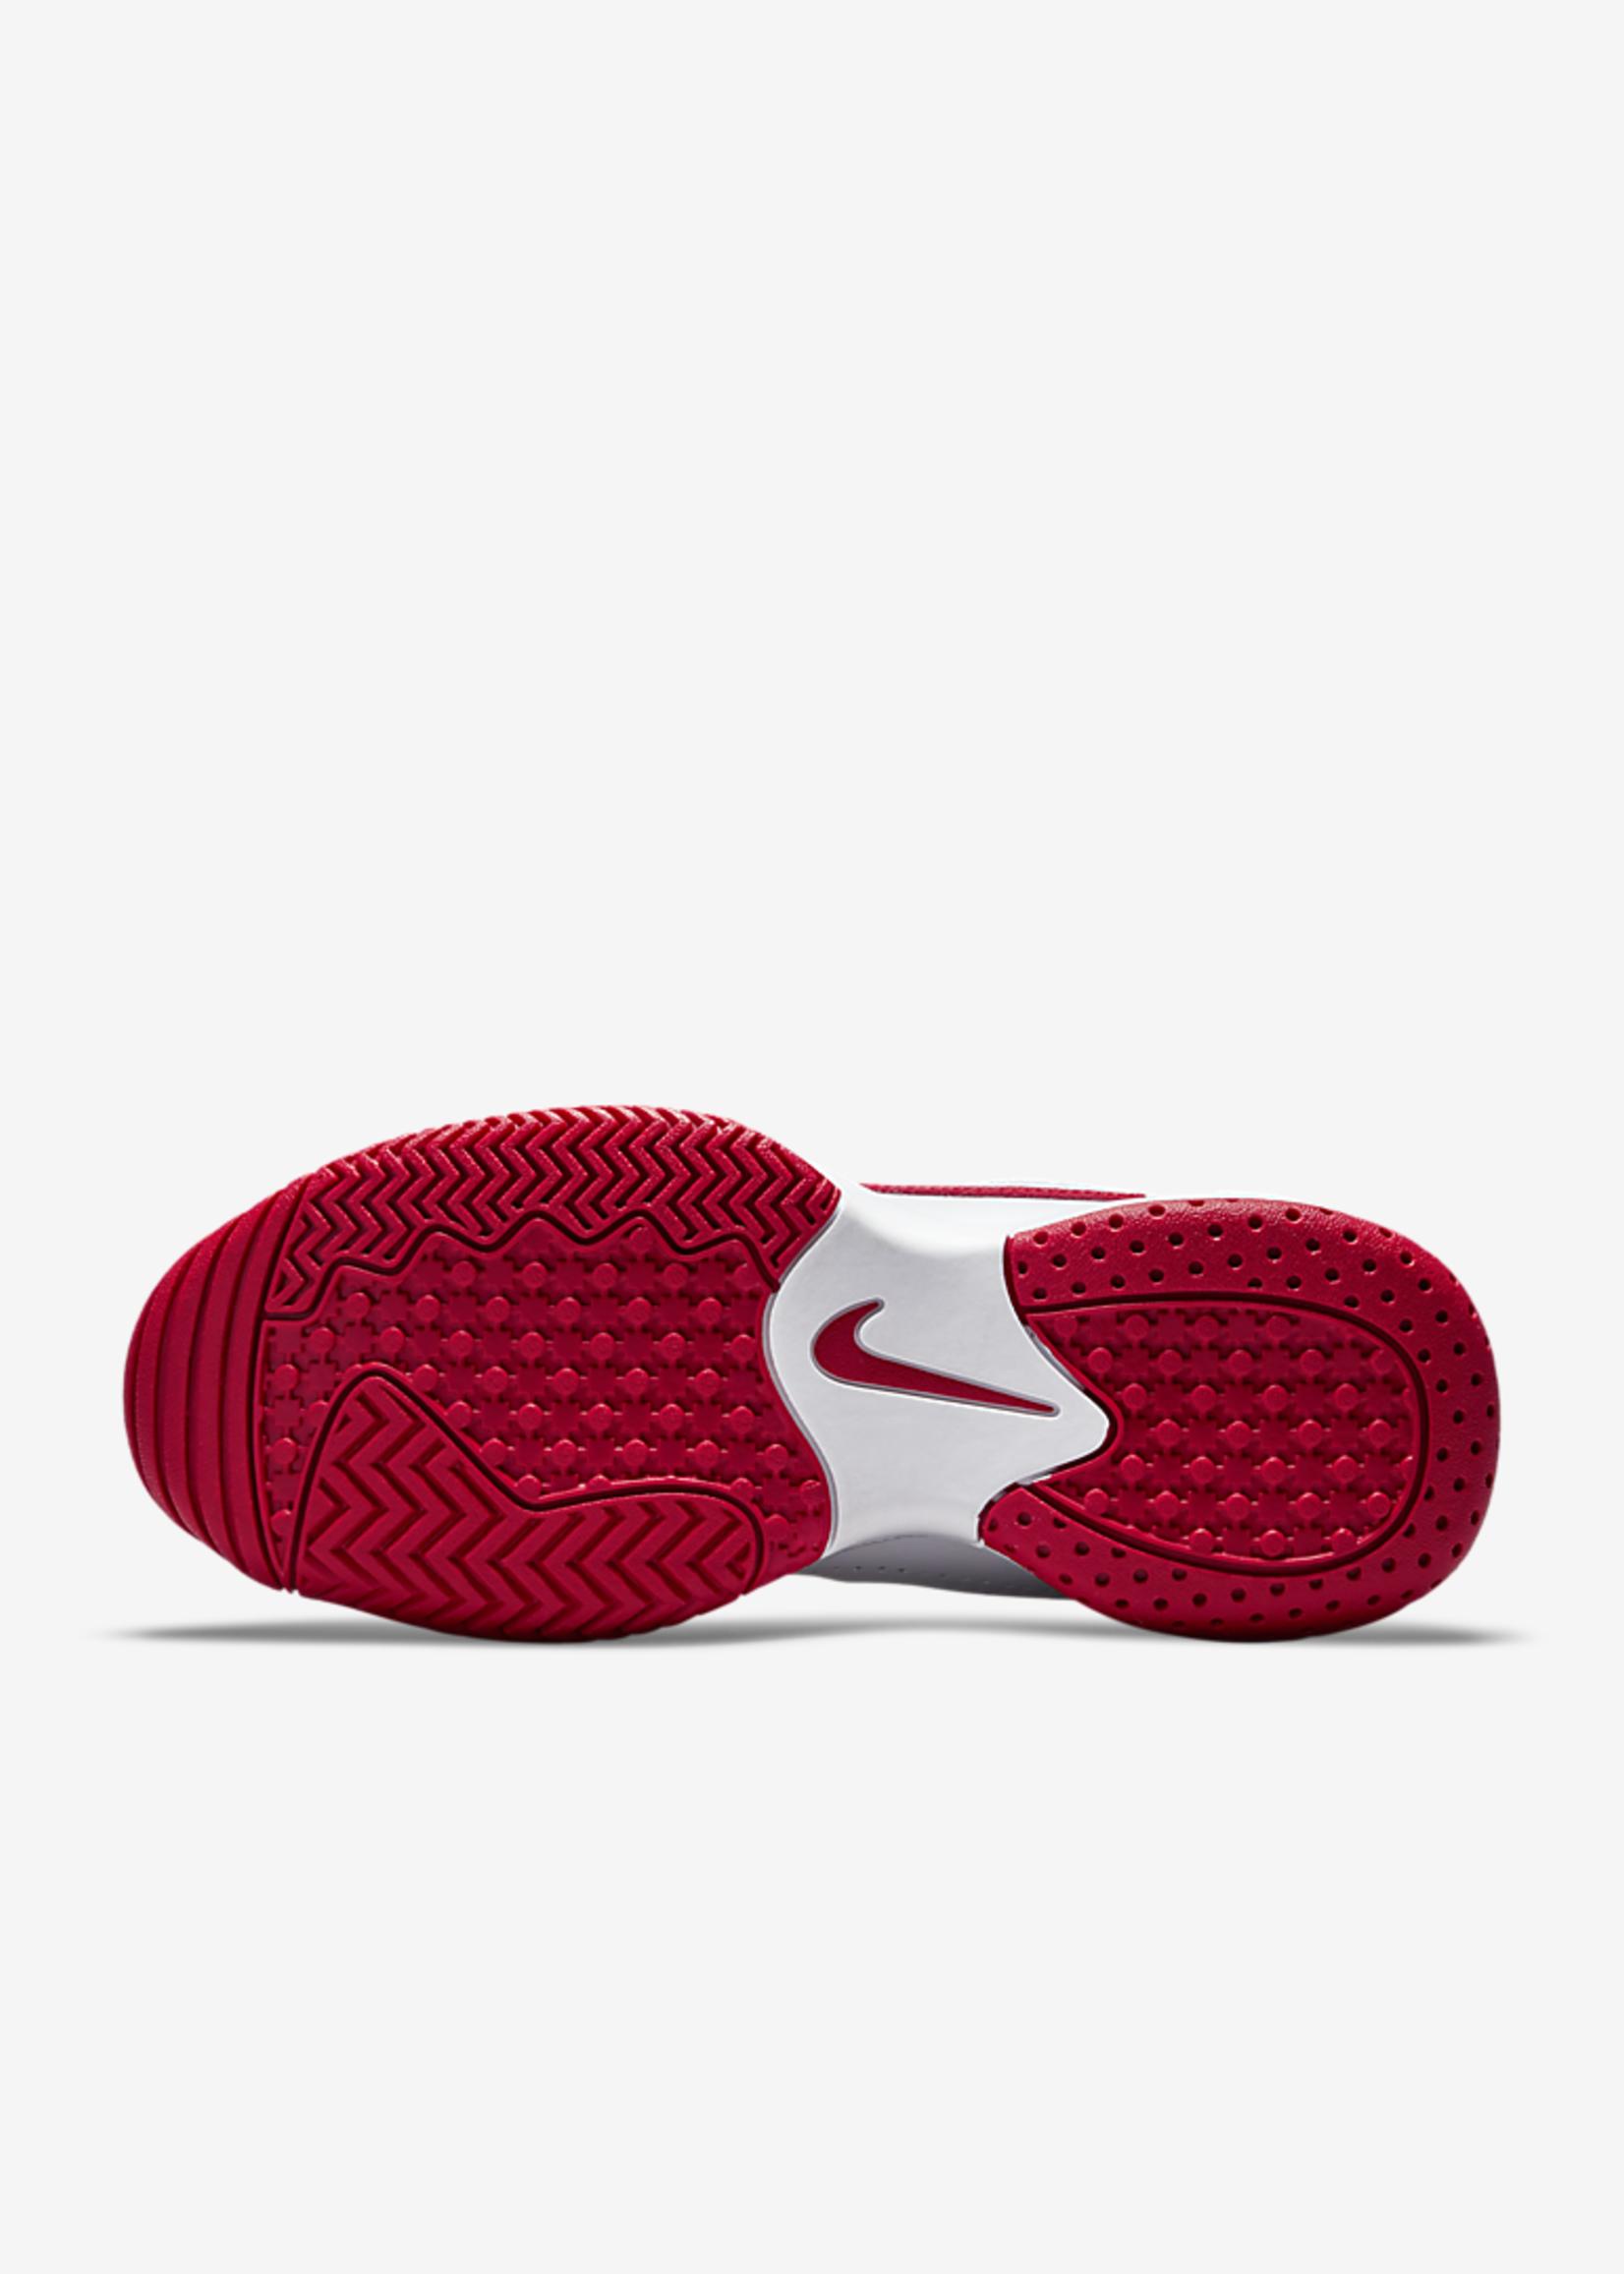 Nike  KIDS' NIKECOURT JR. LITE 2 TENNIS SHOES CD0440